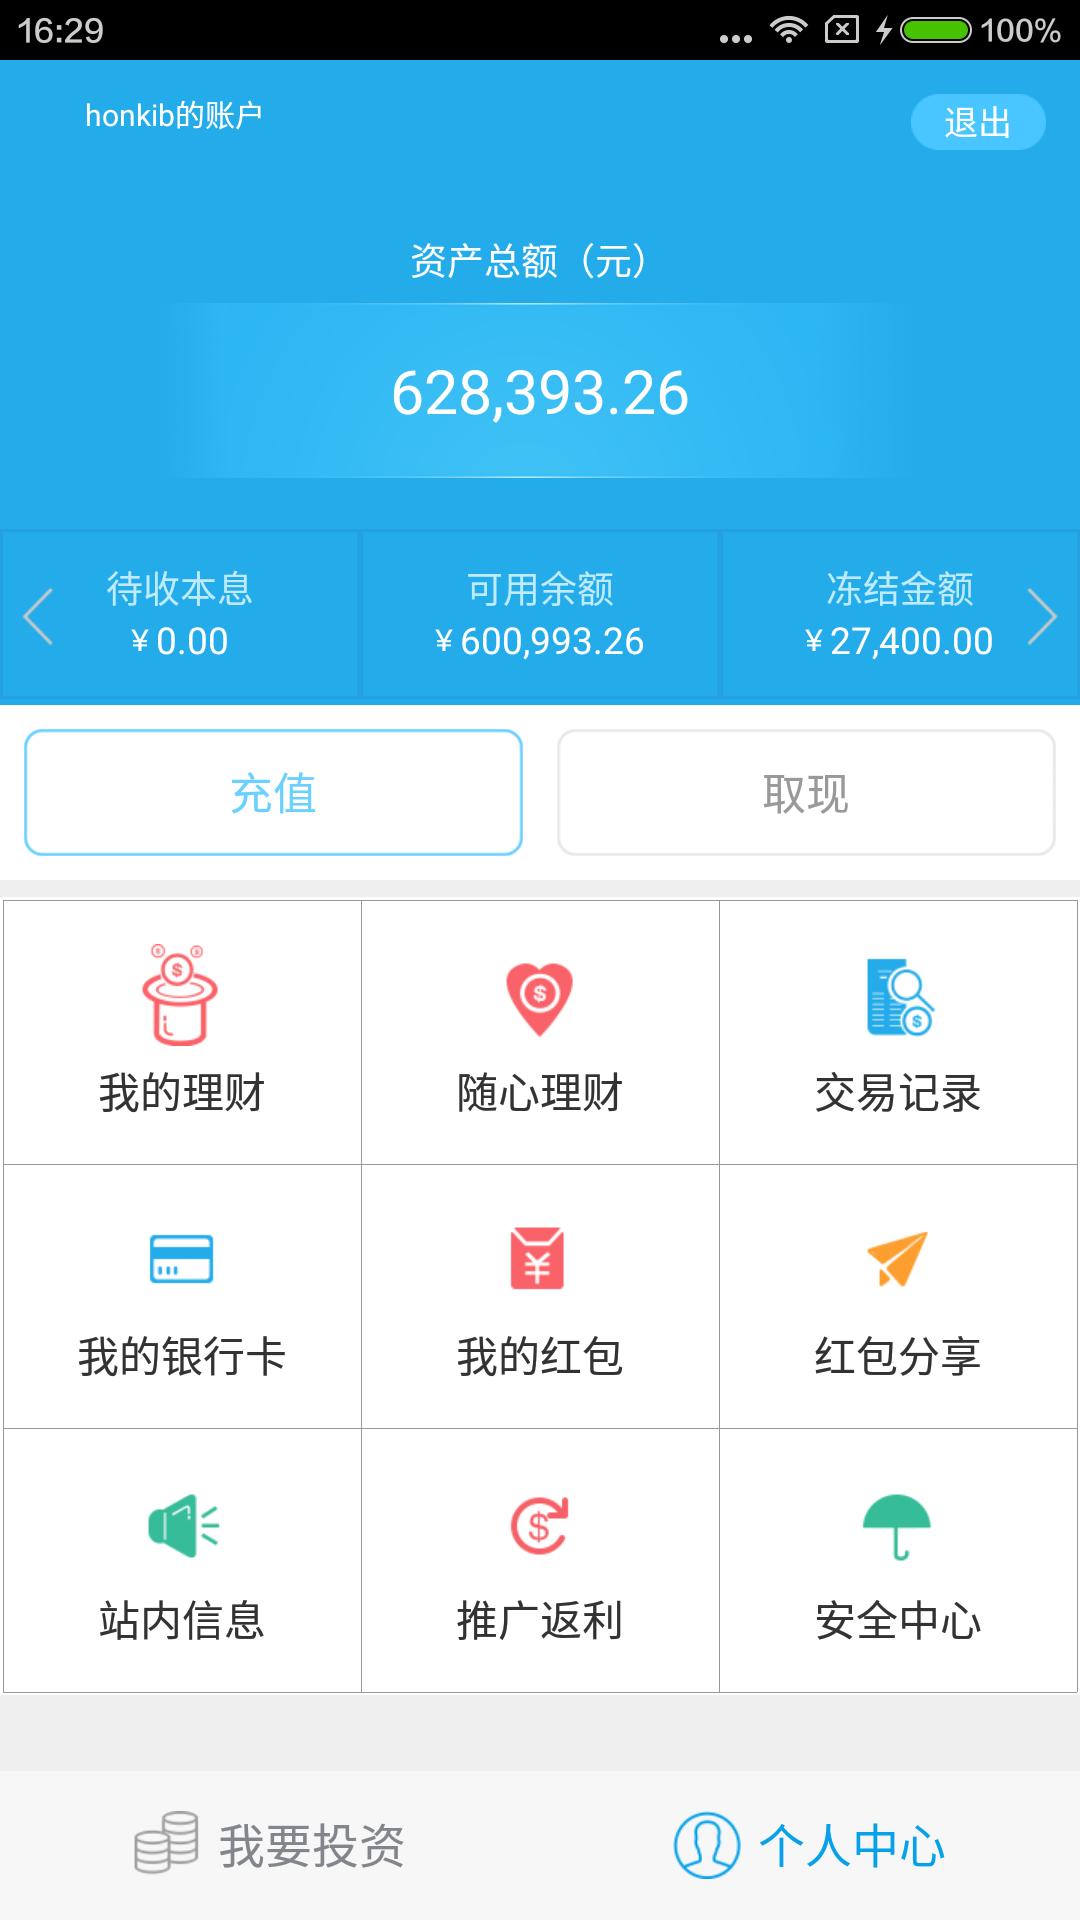 鸿金宝p2p理财app怎么下载?鸿金宝官网下载地址[多图]